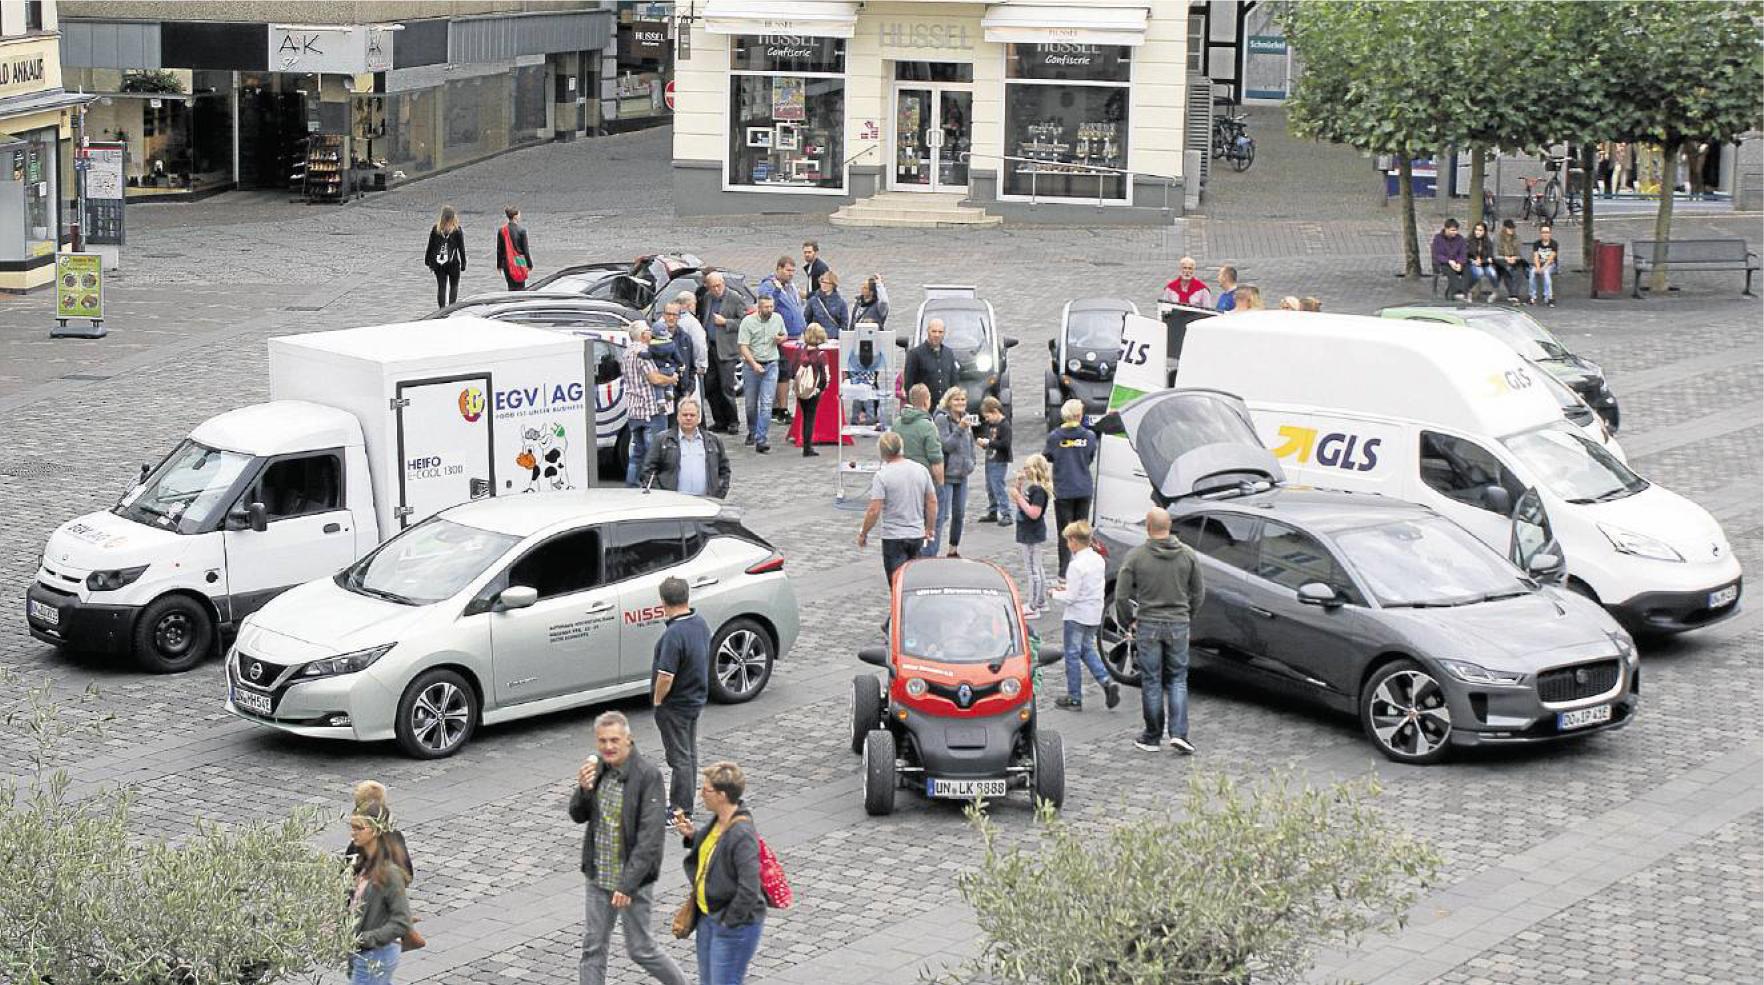 Presseartikel: Elektroautos überraschen Passanten auf dem Marktplatz